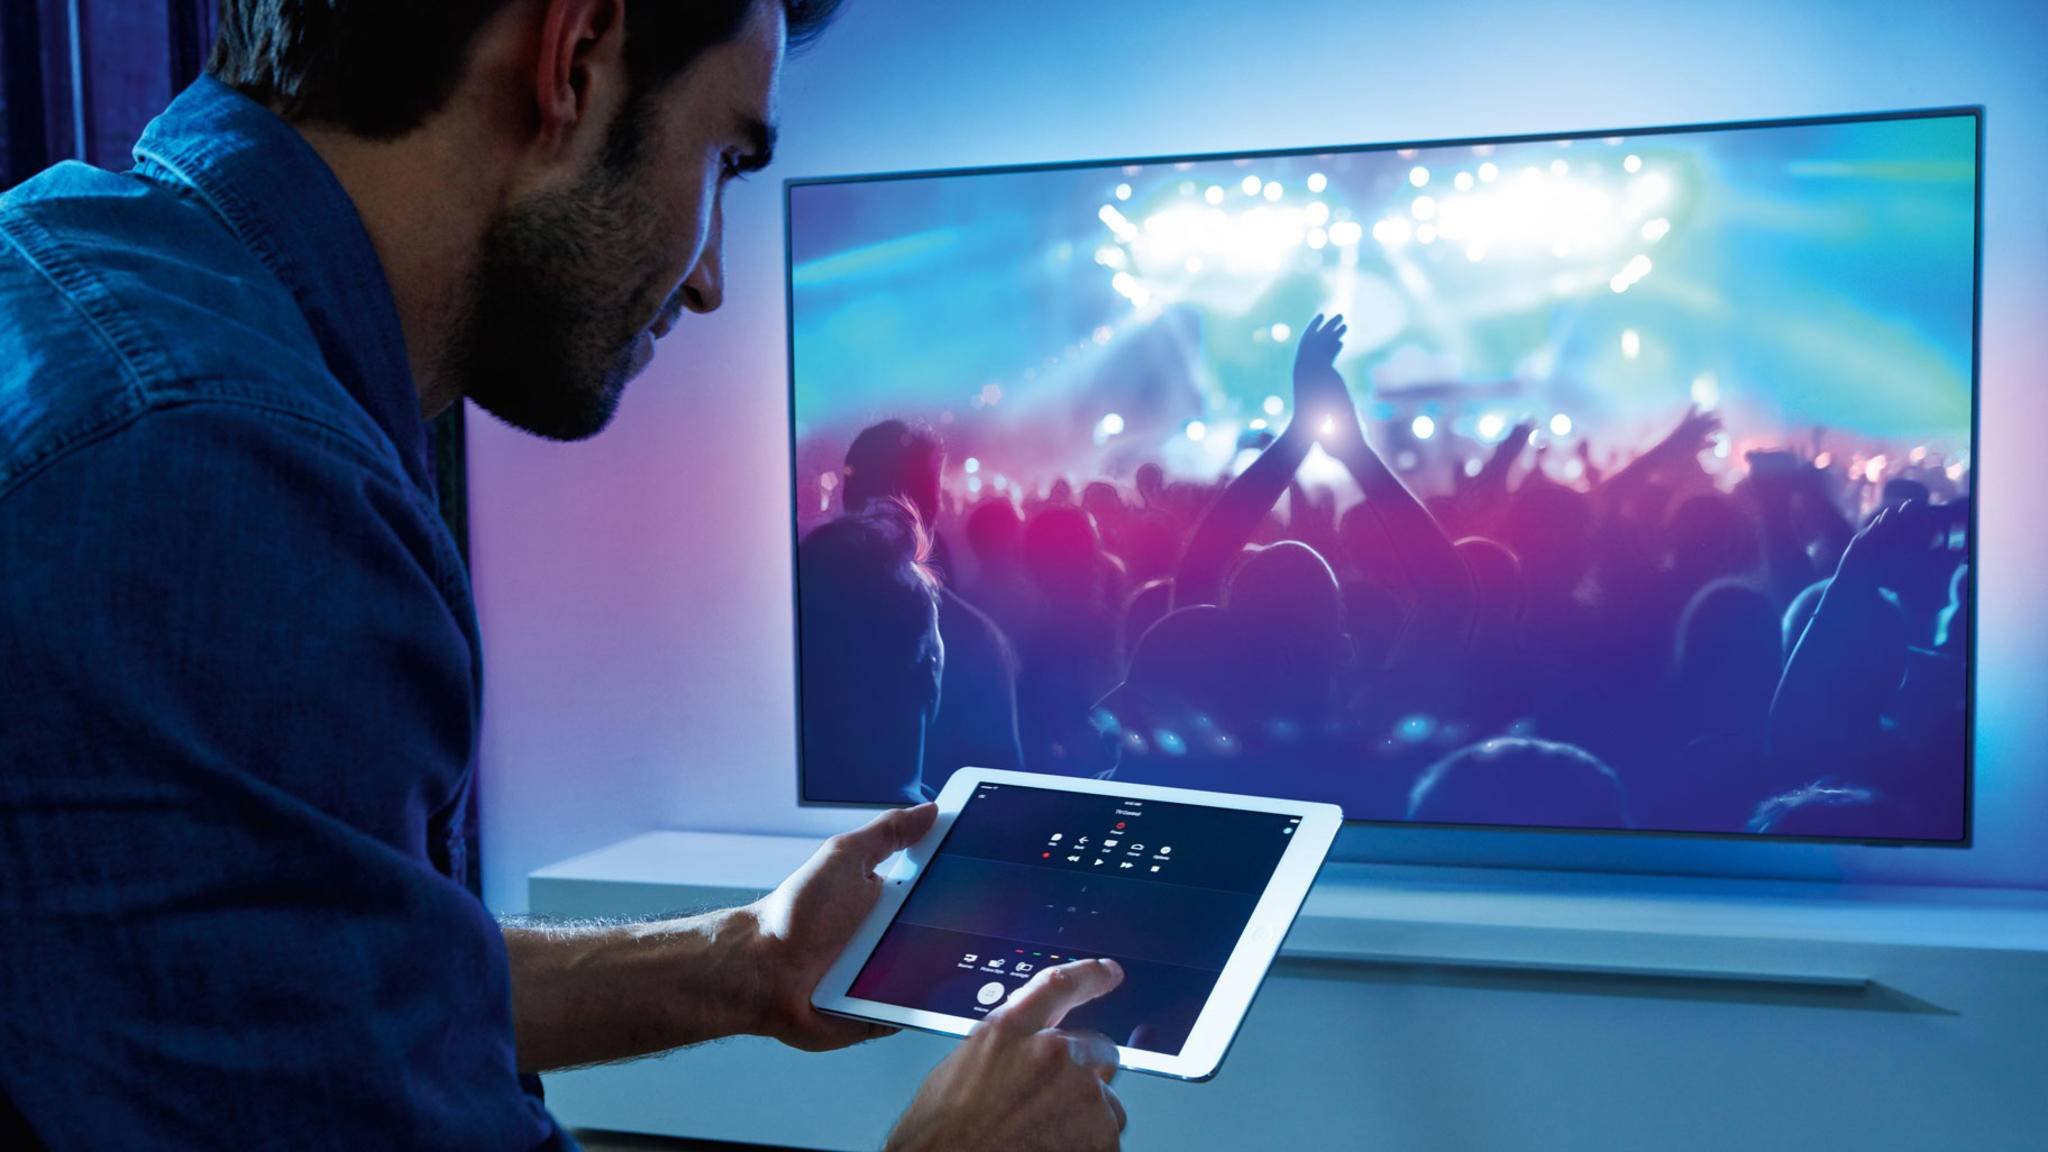 Es gibt verschiedene Möglichkeiten für die Kopplung von Tablet und Fernseher